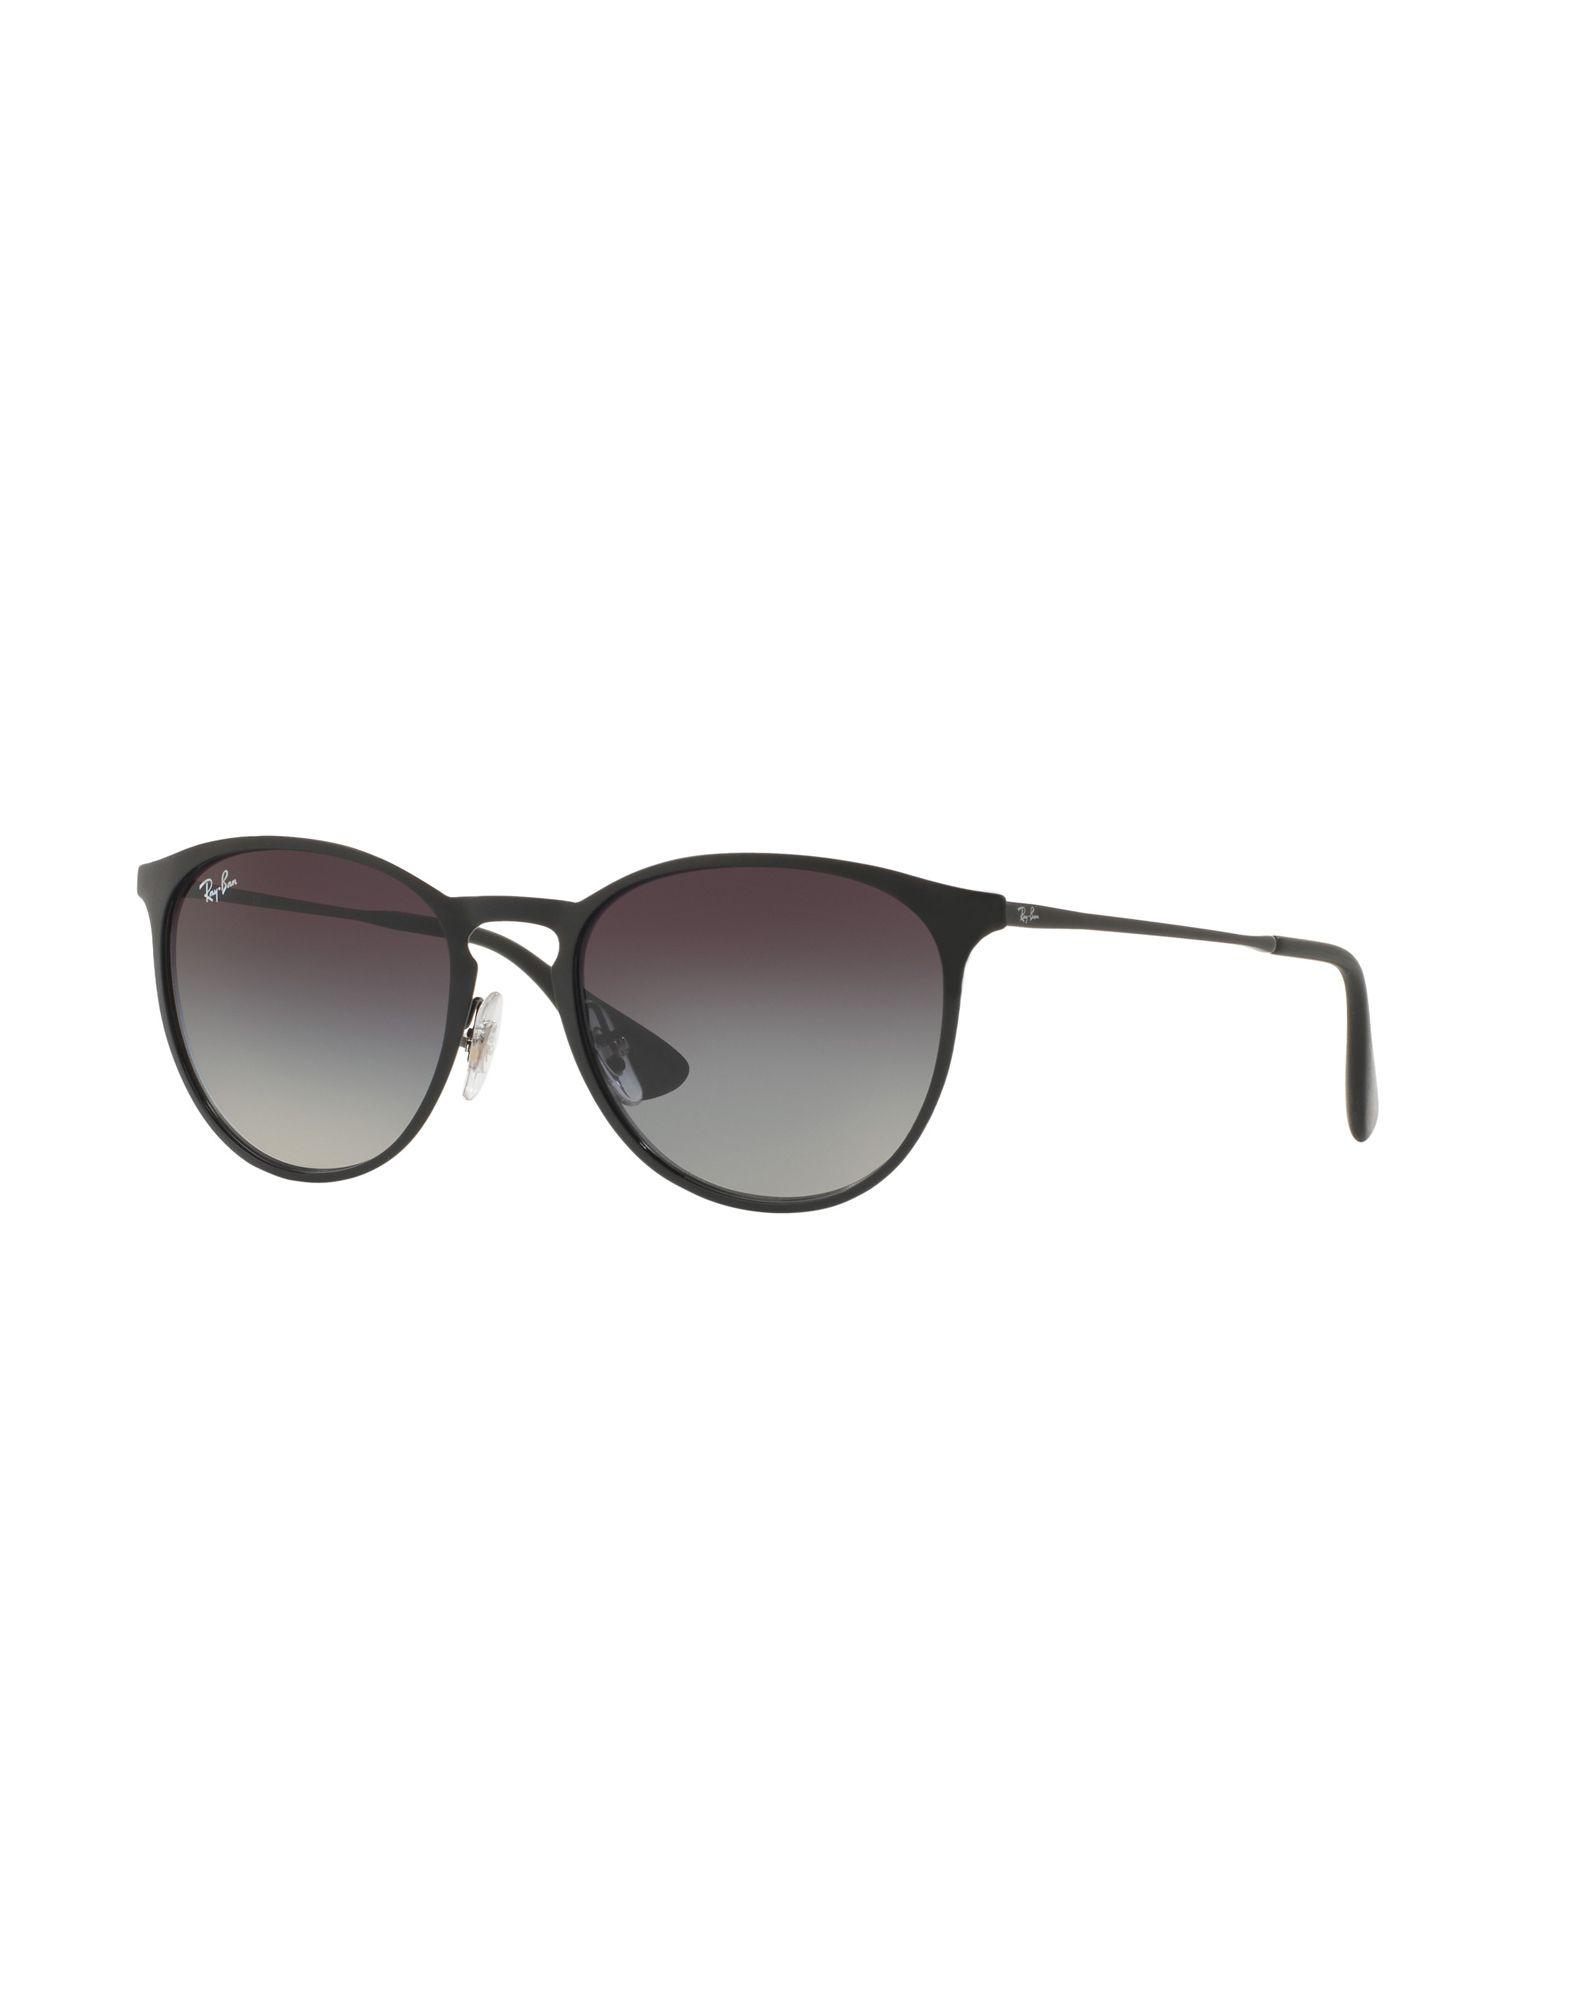 RAY-BAN Unisex Sonnenbrille Farbe Schwarz Größe 15